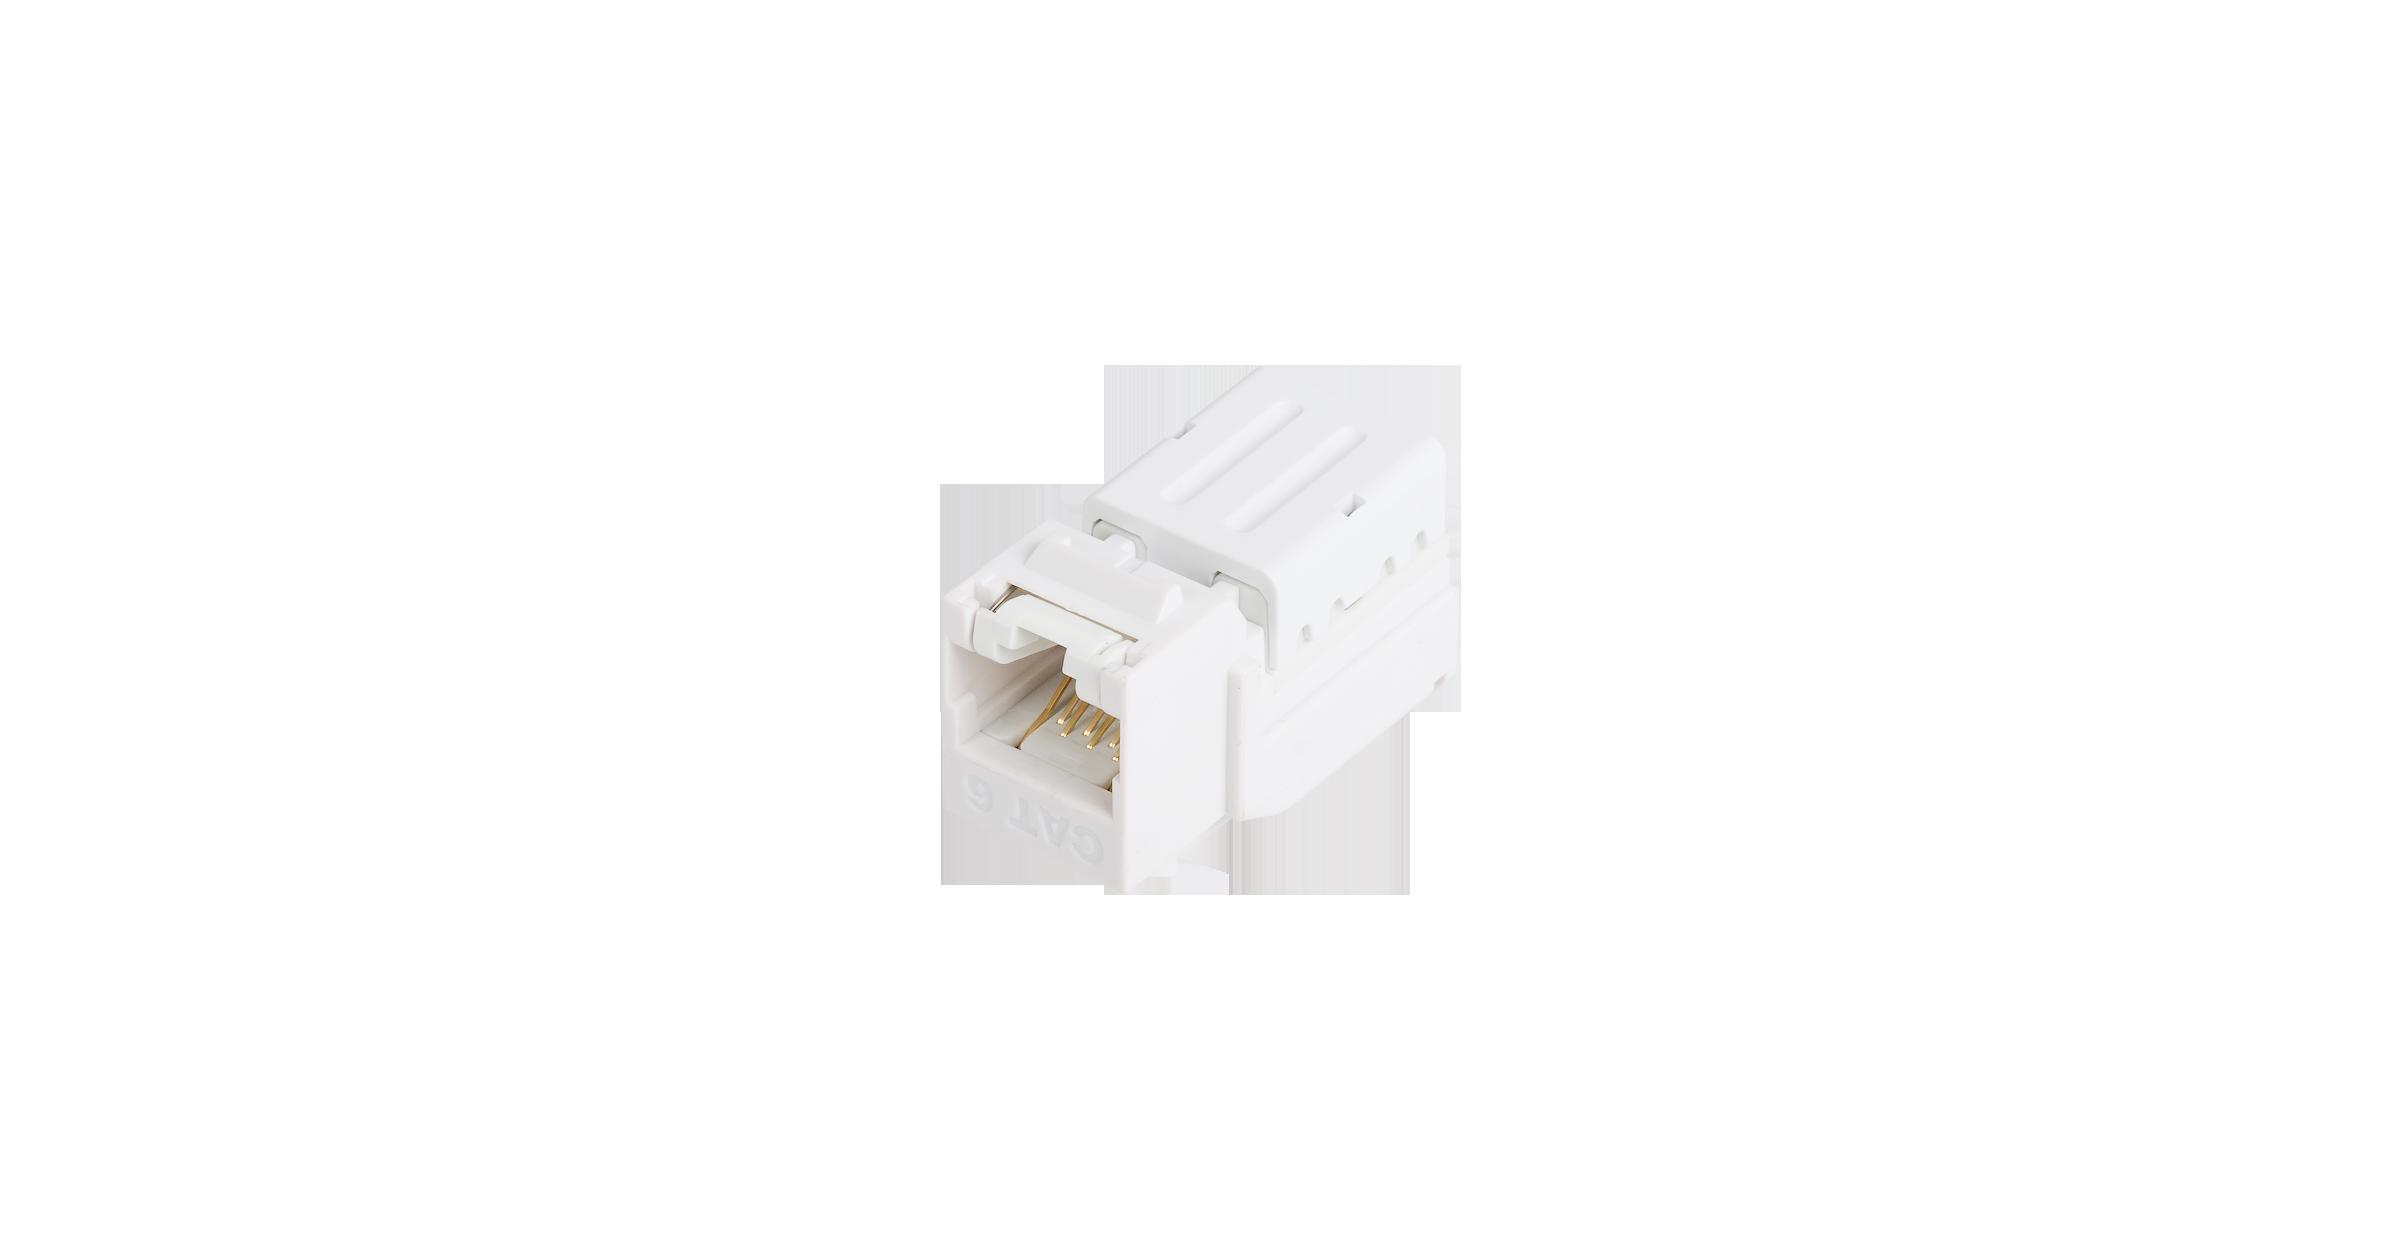 Модуль-вставка NIKOMAX типа Keystone, Кат.5е (Класс D), 100МГц, RJ45/8P8C, FT-TOOL/110/KRONE, T568A/B, неэкранированный, со шторкой, белый - гарантия: 5 лет расширенная / 25 лет системная